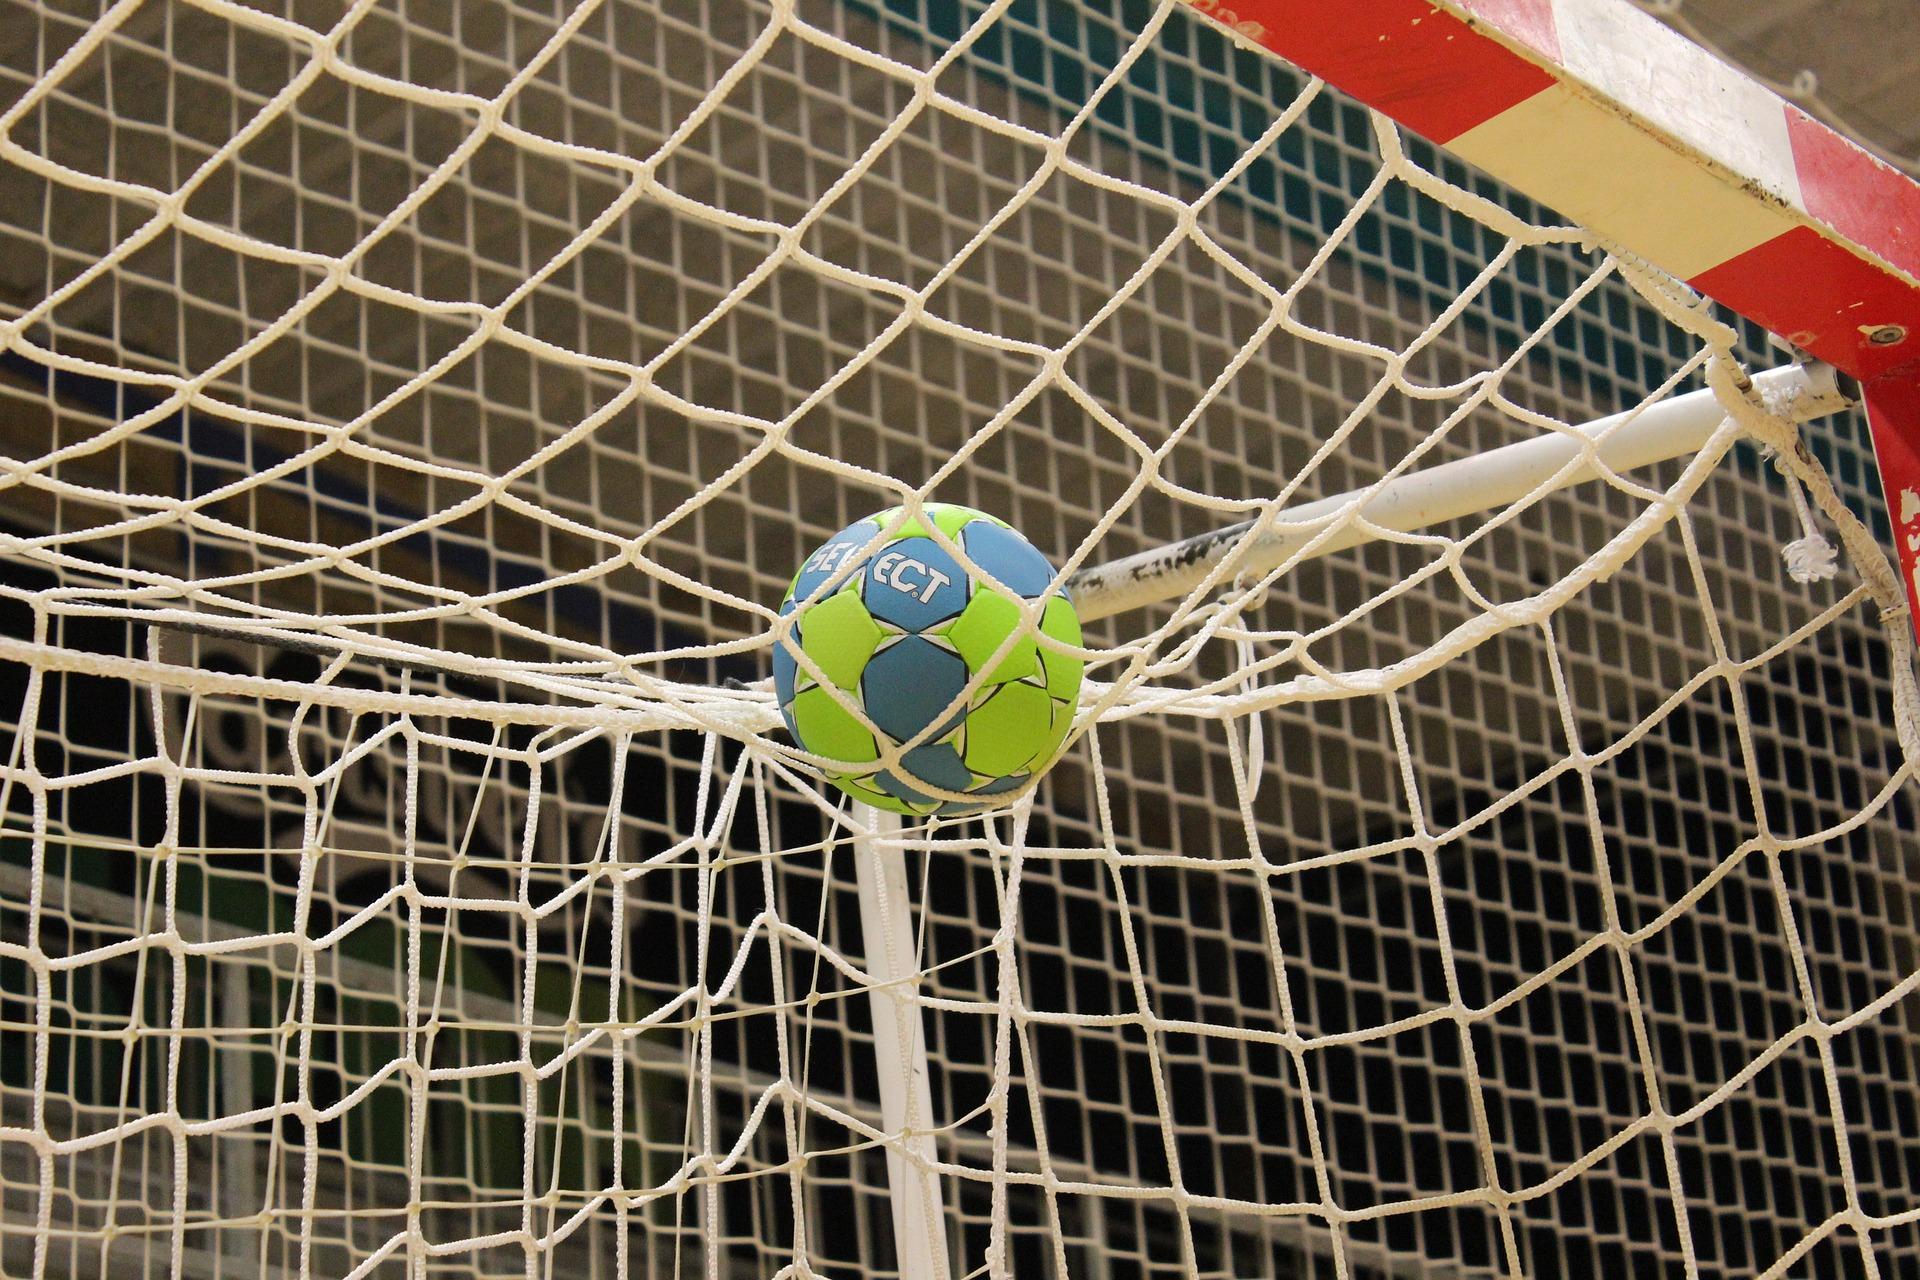 EM håndbold - Hos Bettingfamily kan du spille på alle kampene